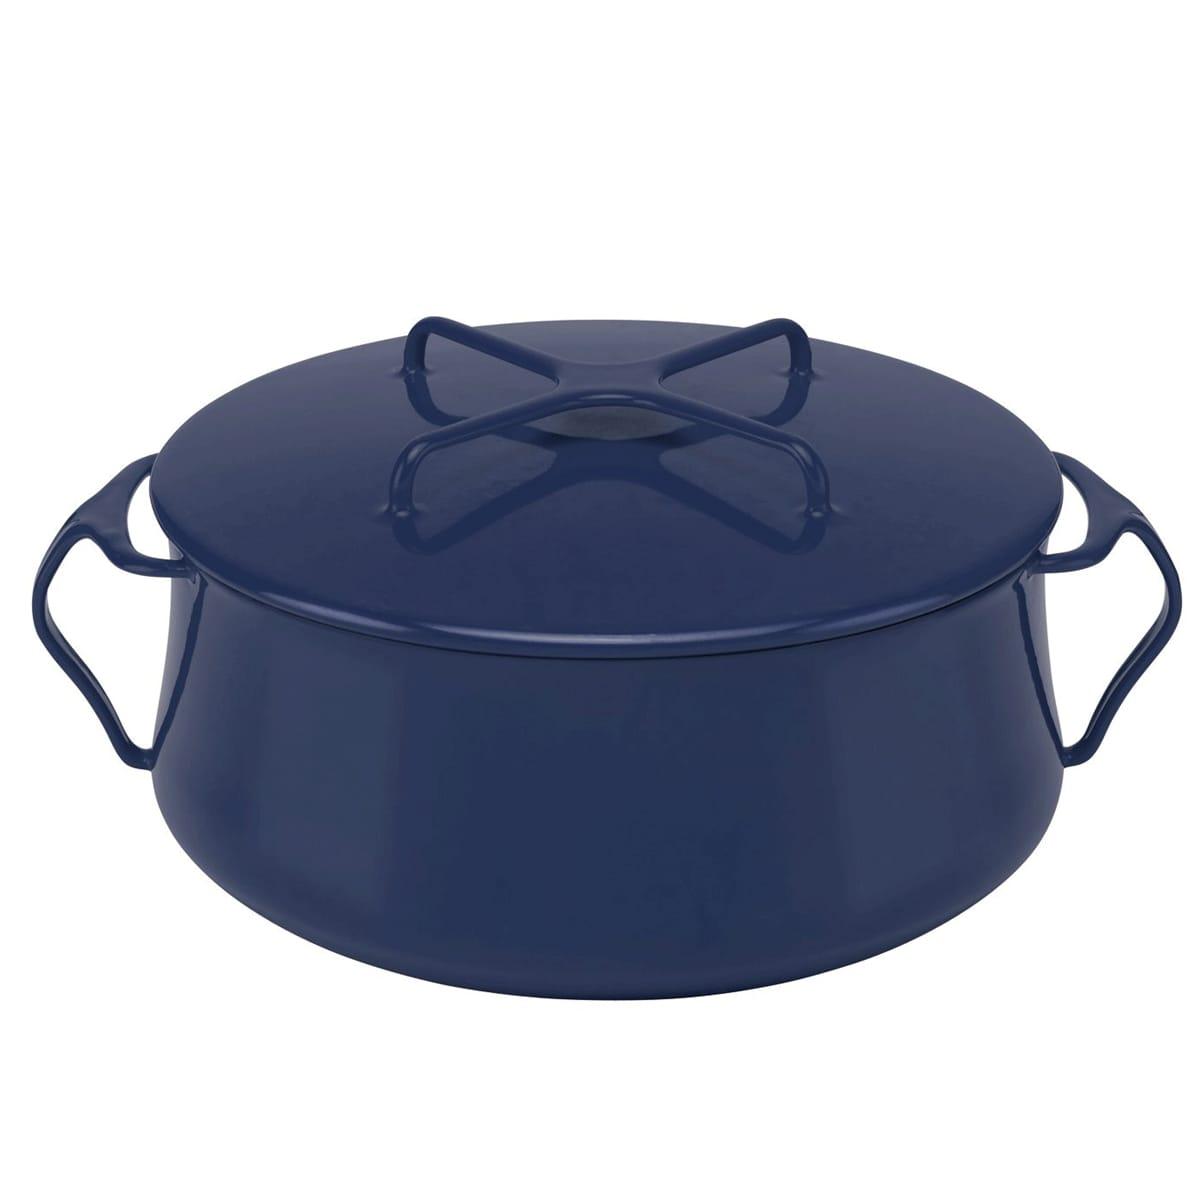 ダンスク コベンスタイル 両手鍋 青 直径24cm 5.7L Dansk Kobenstyle Blue 6 Quart Casserole